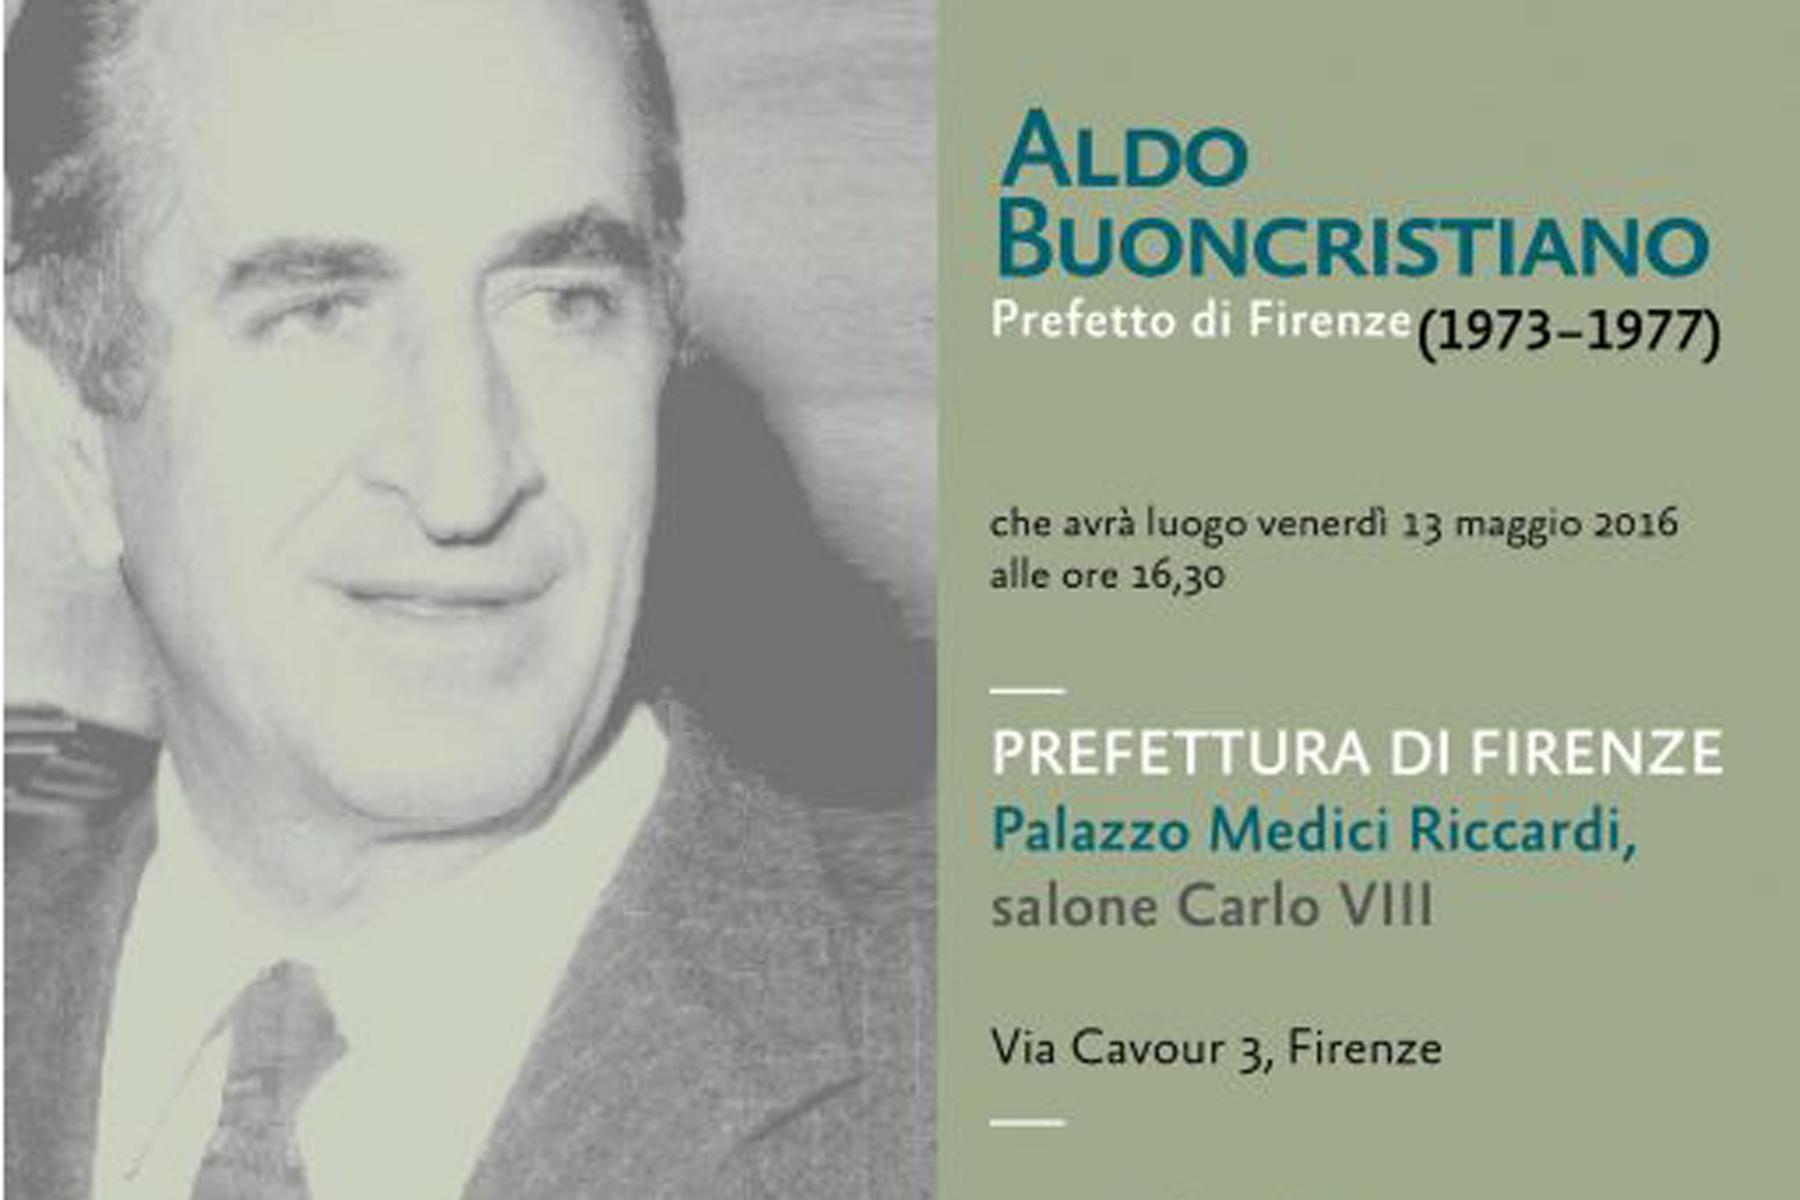 Aldo Buoncristiano: il prefetto di Firenze che accese le luci sull'alluvione